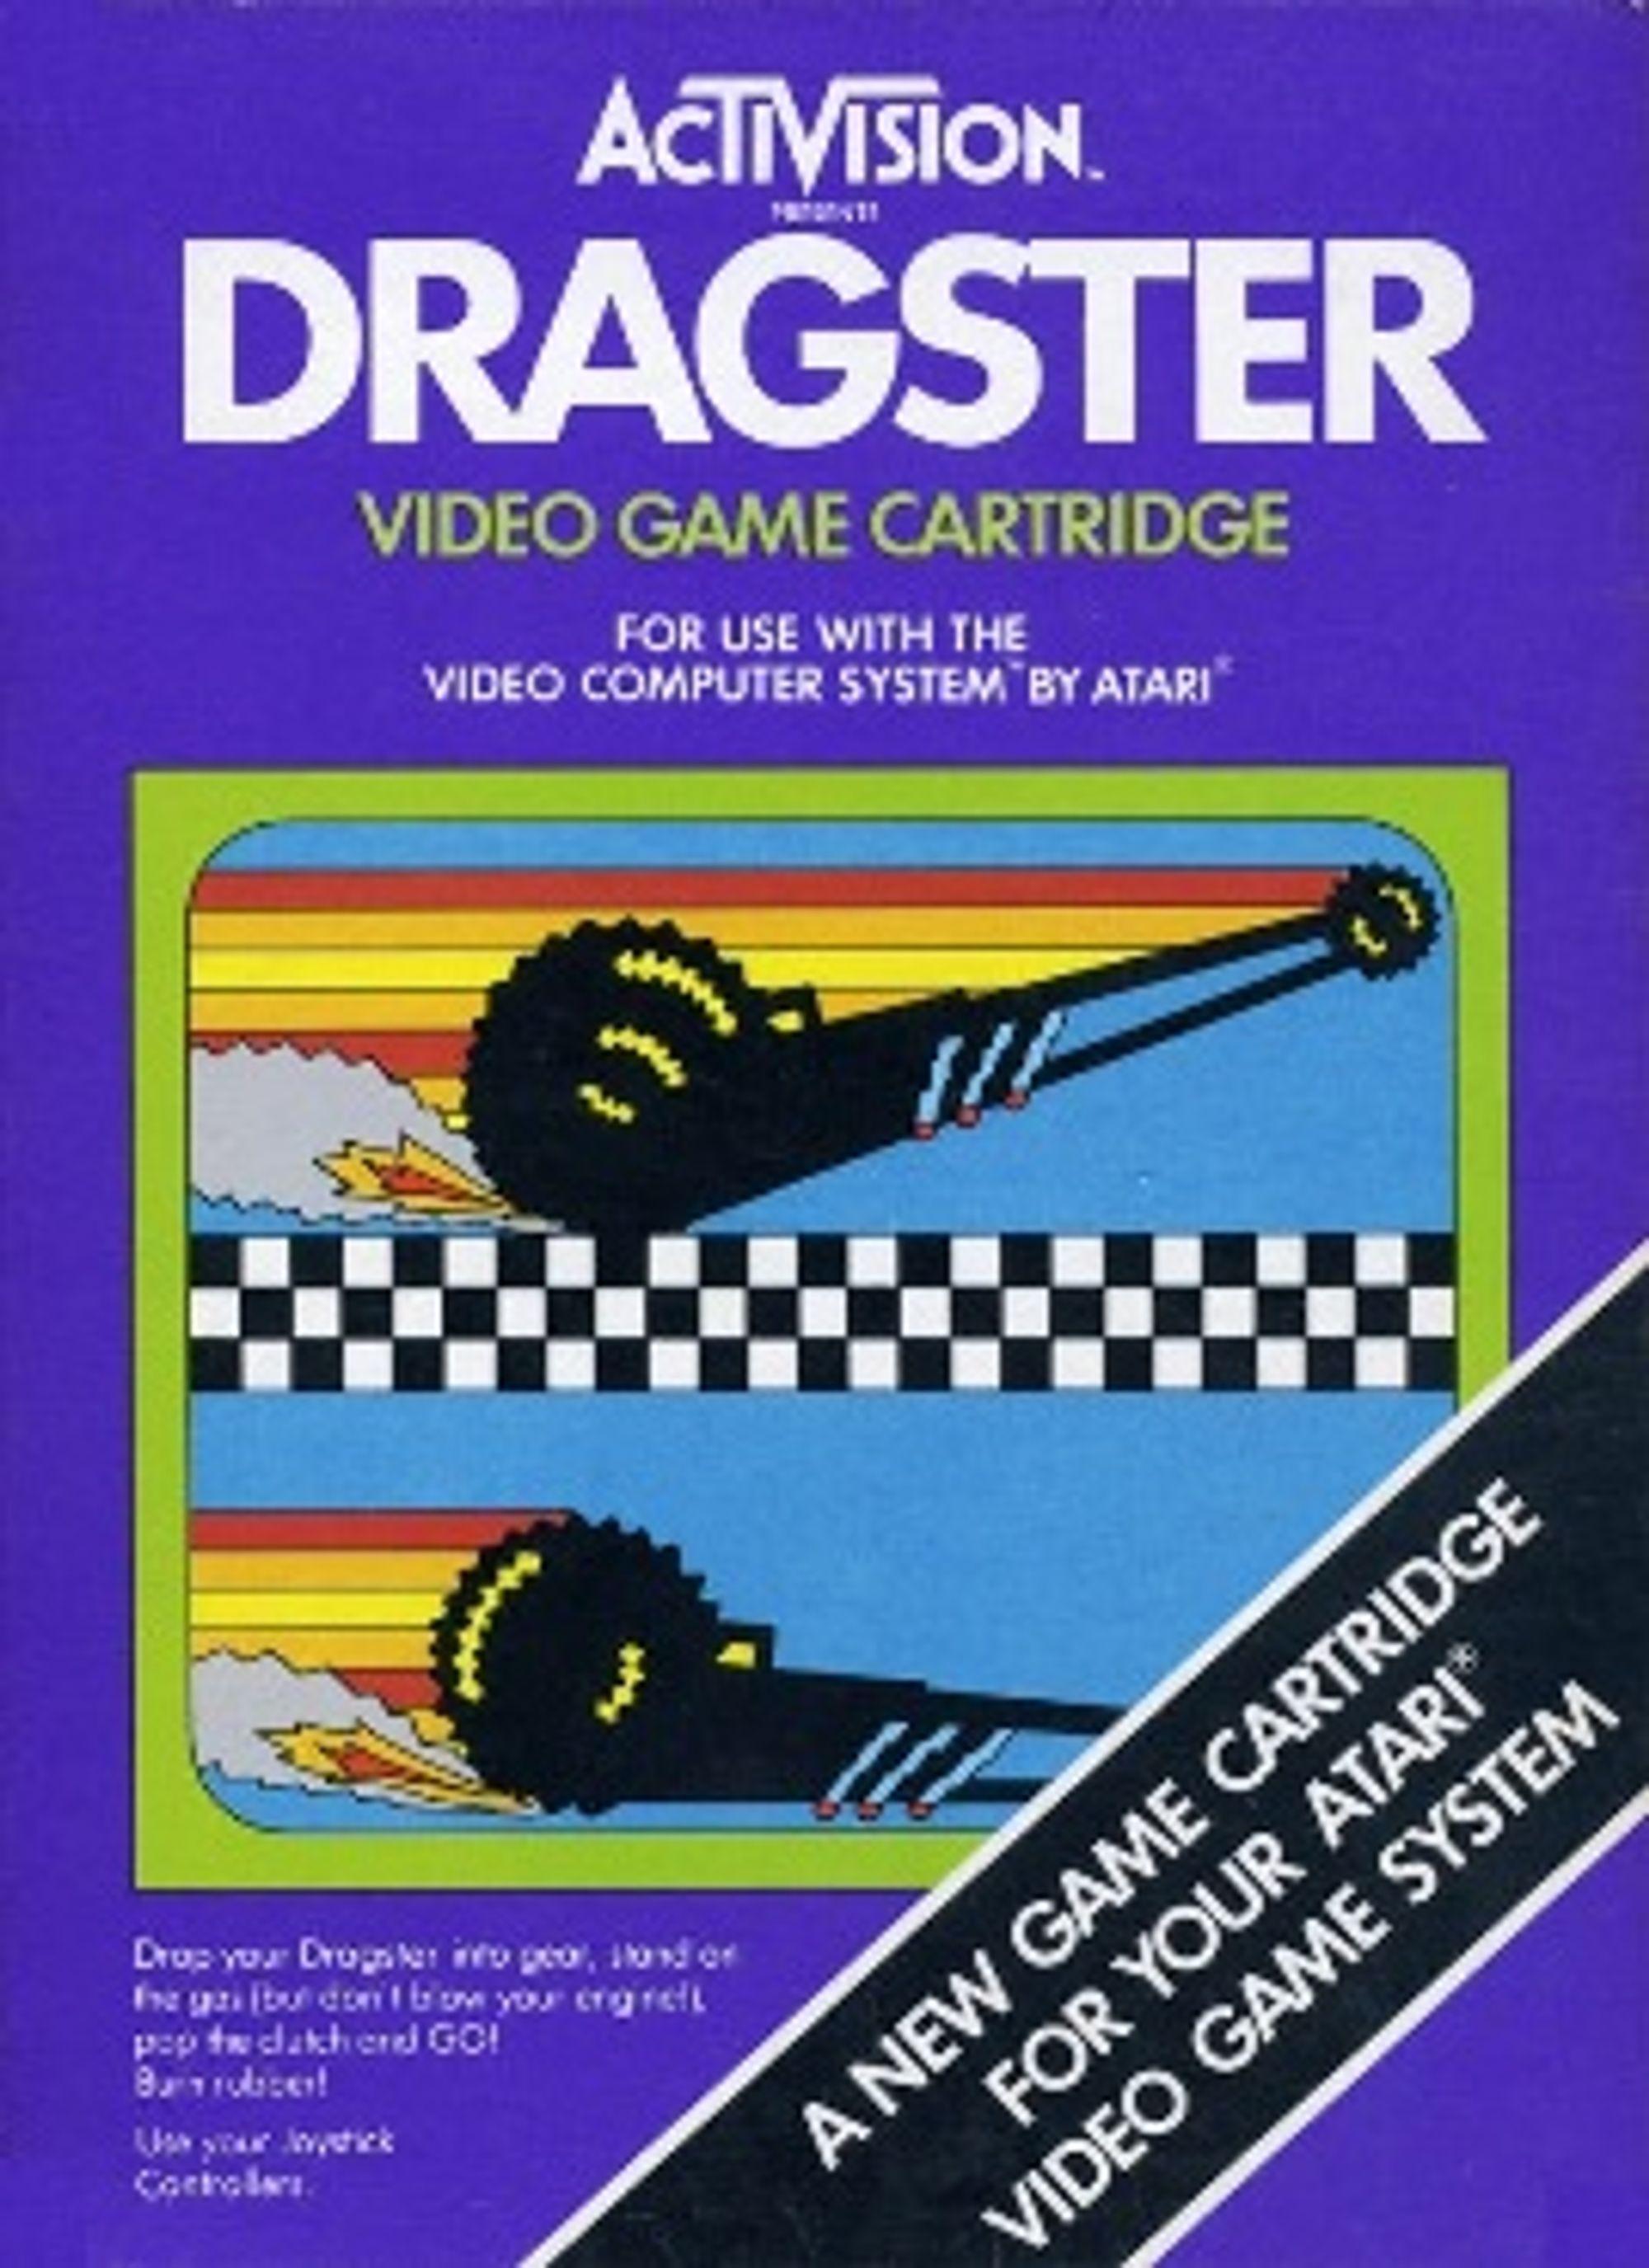 Det var utenkelig at noen andre enn Atari skulle gi ut 2600-spill.